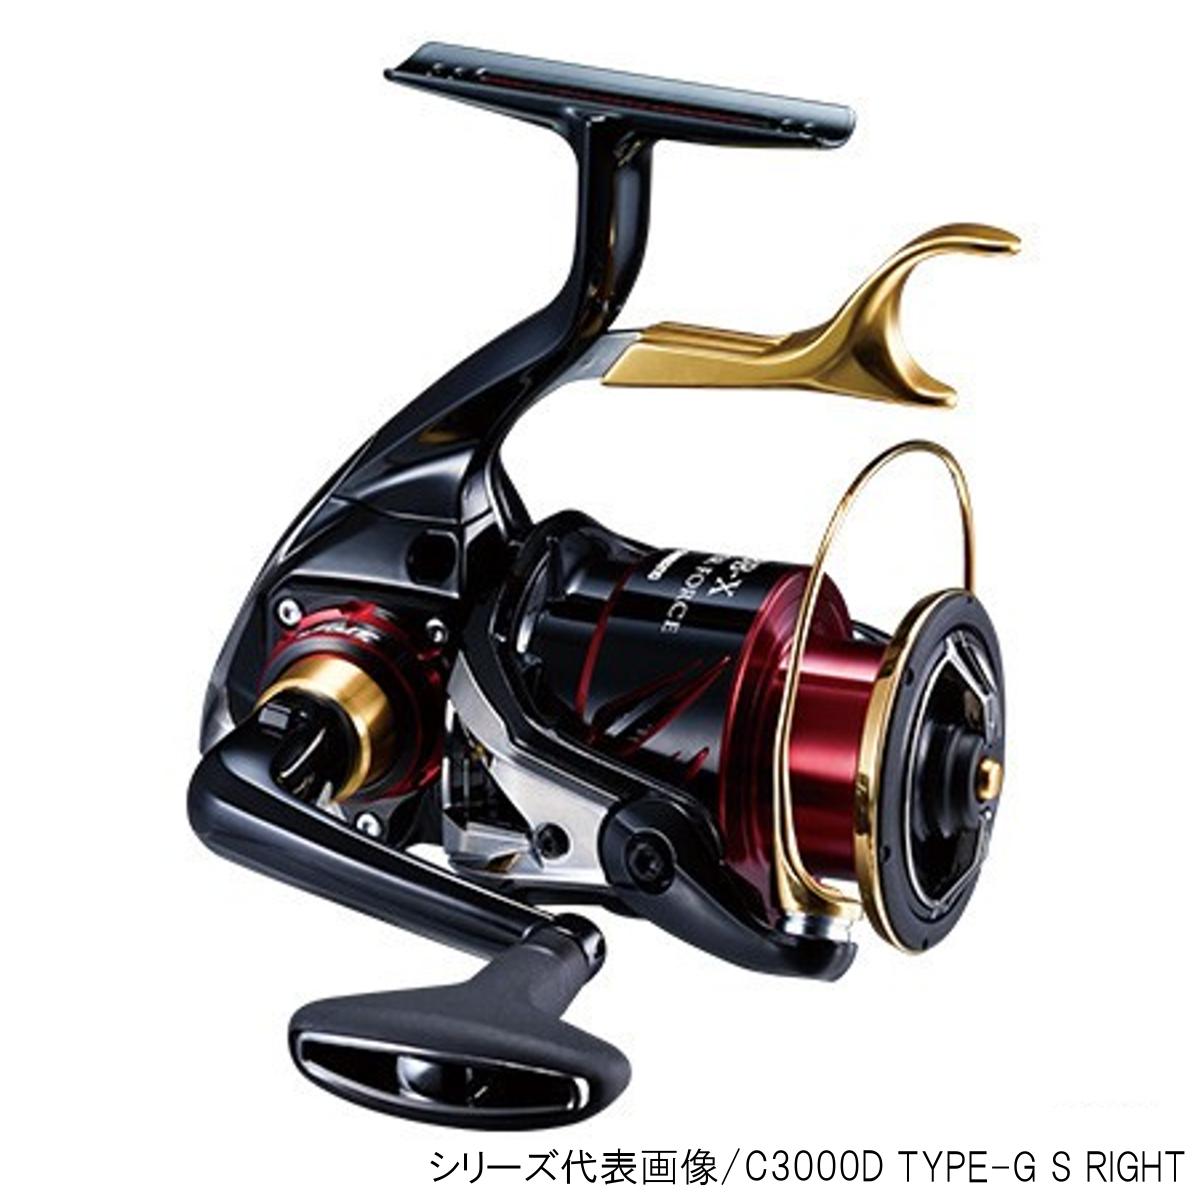 シマノ BB-X ハイパーフォース C3000DXXG S RIGHT(東日本店)